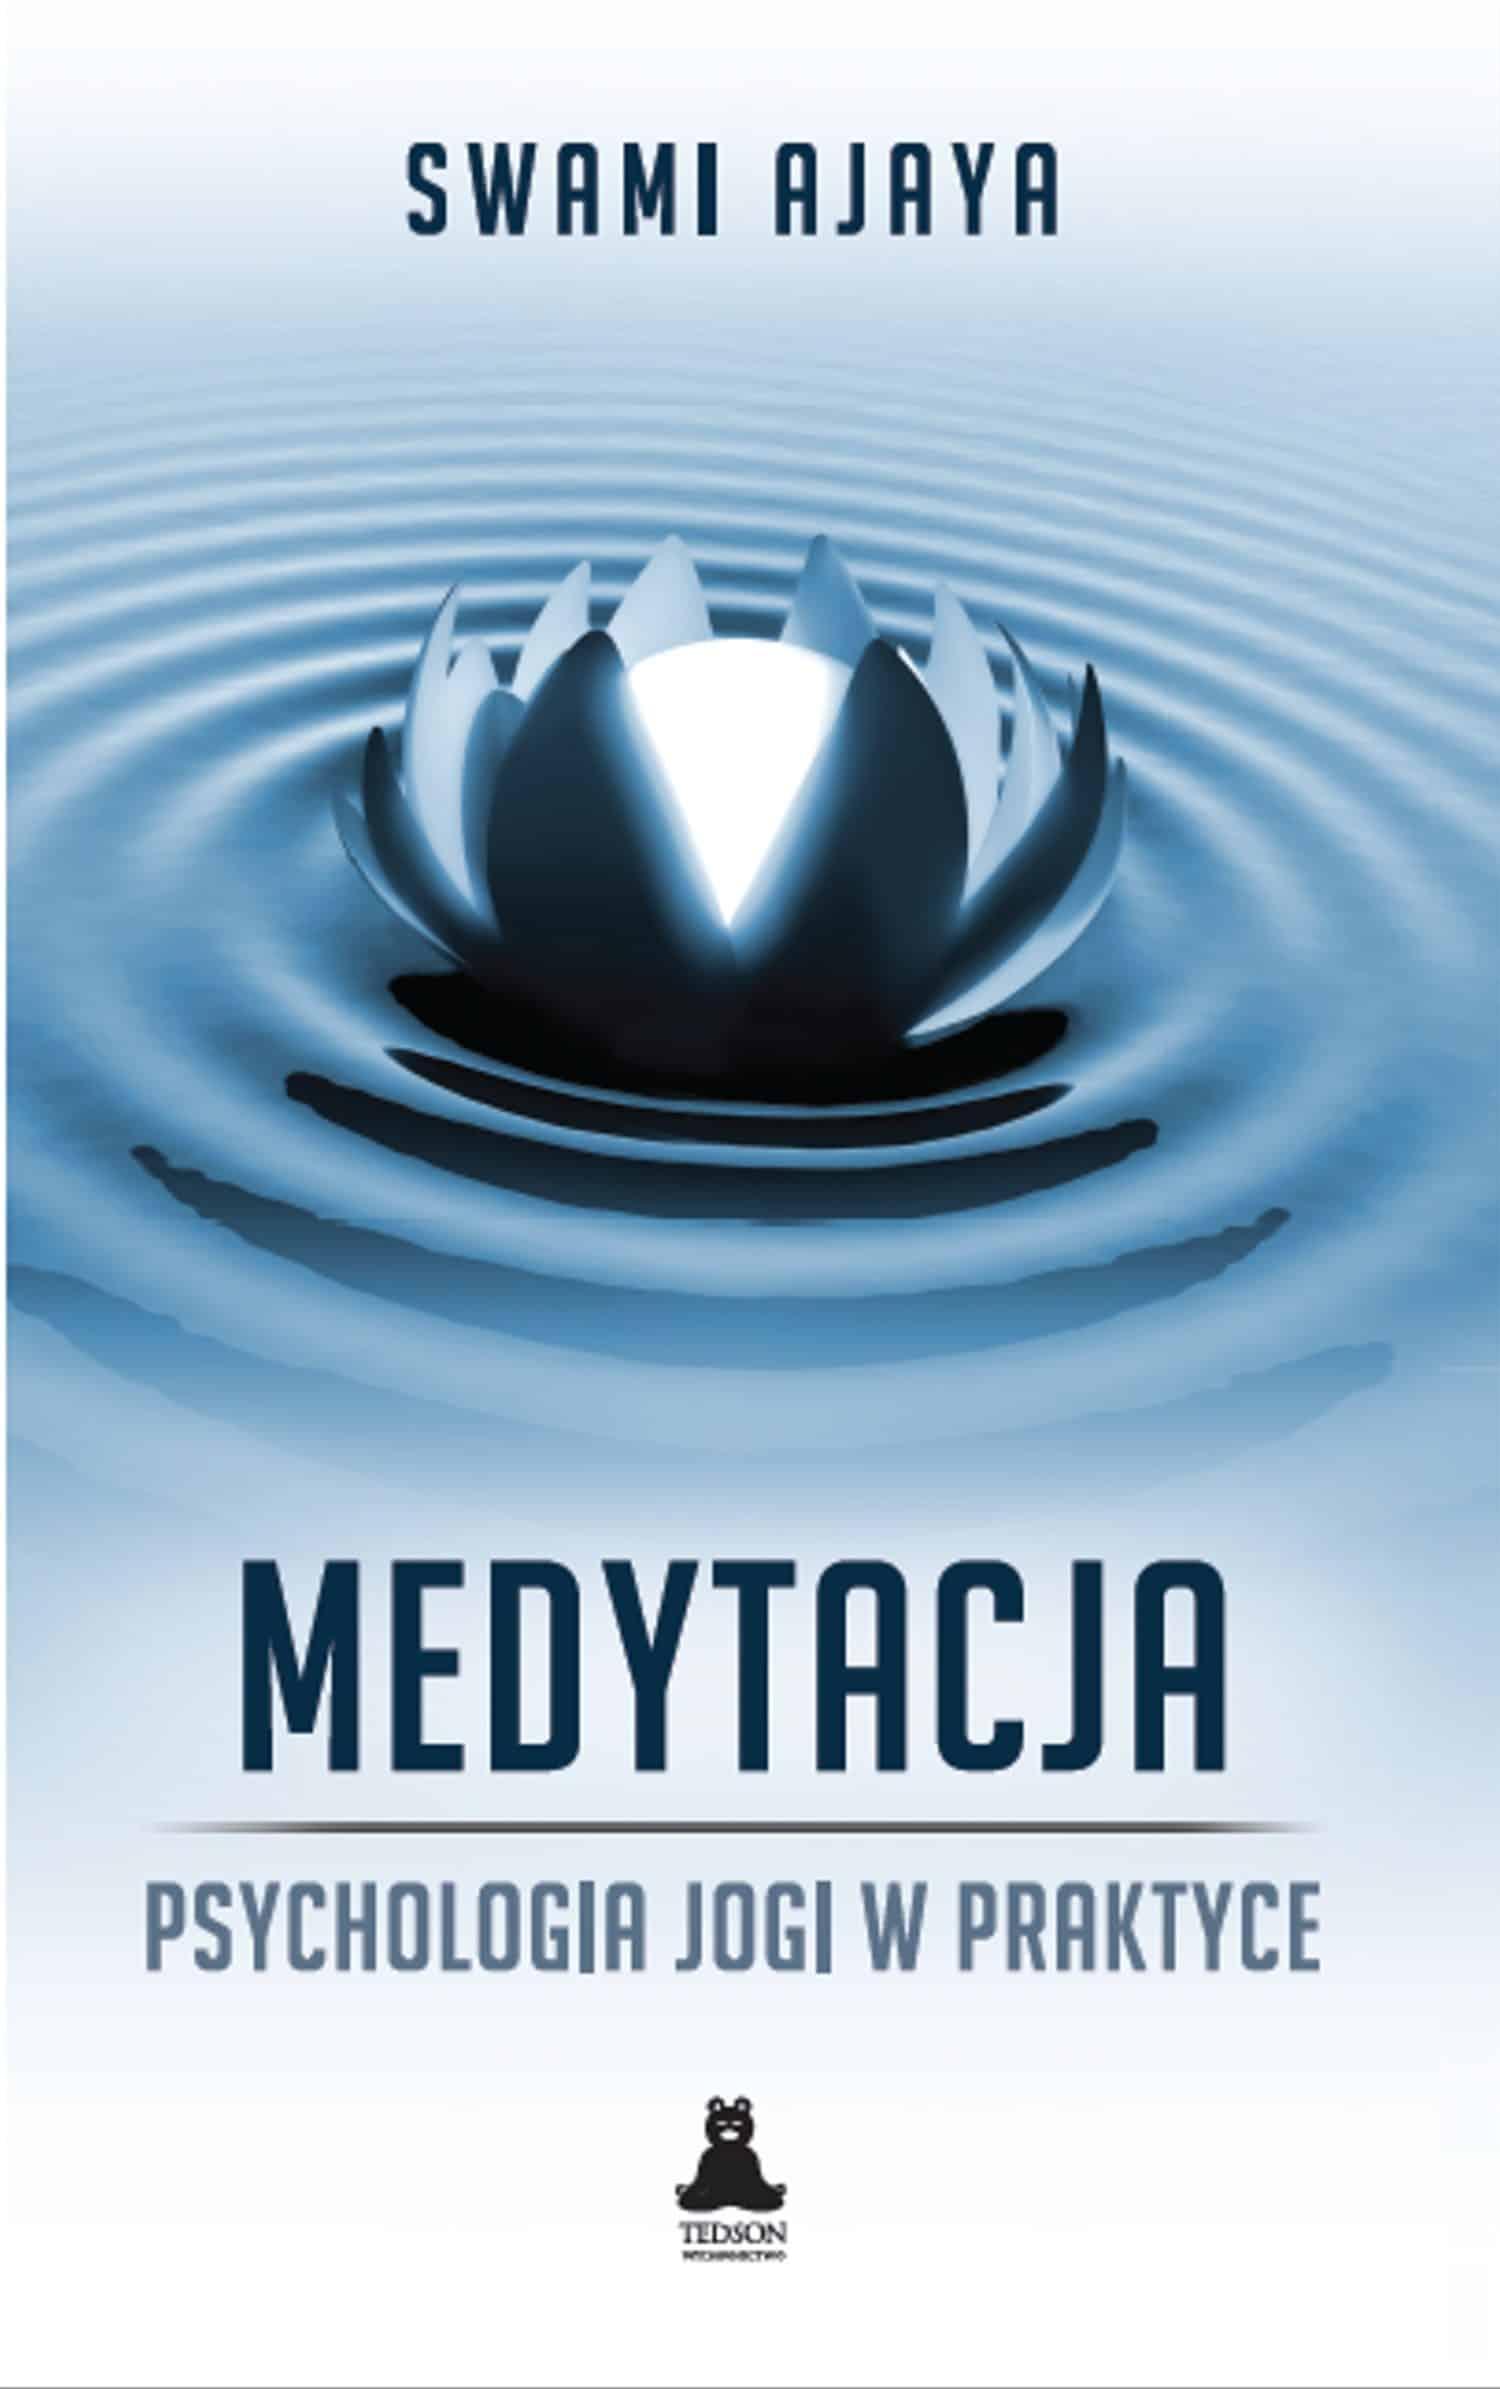 Medytacja – psychologia jogi w praktyce. Swami Ajaya